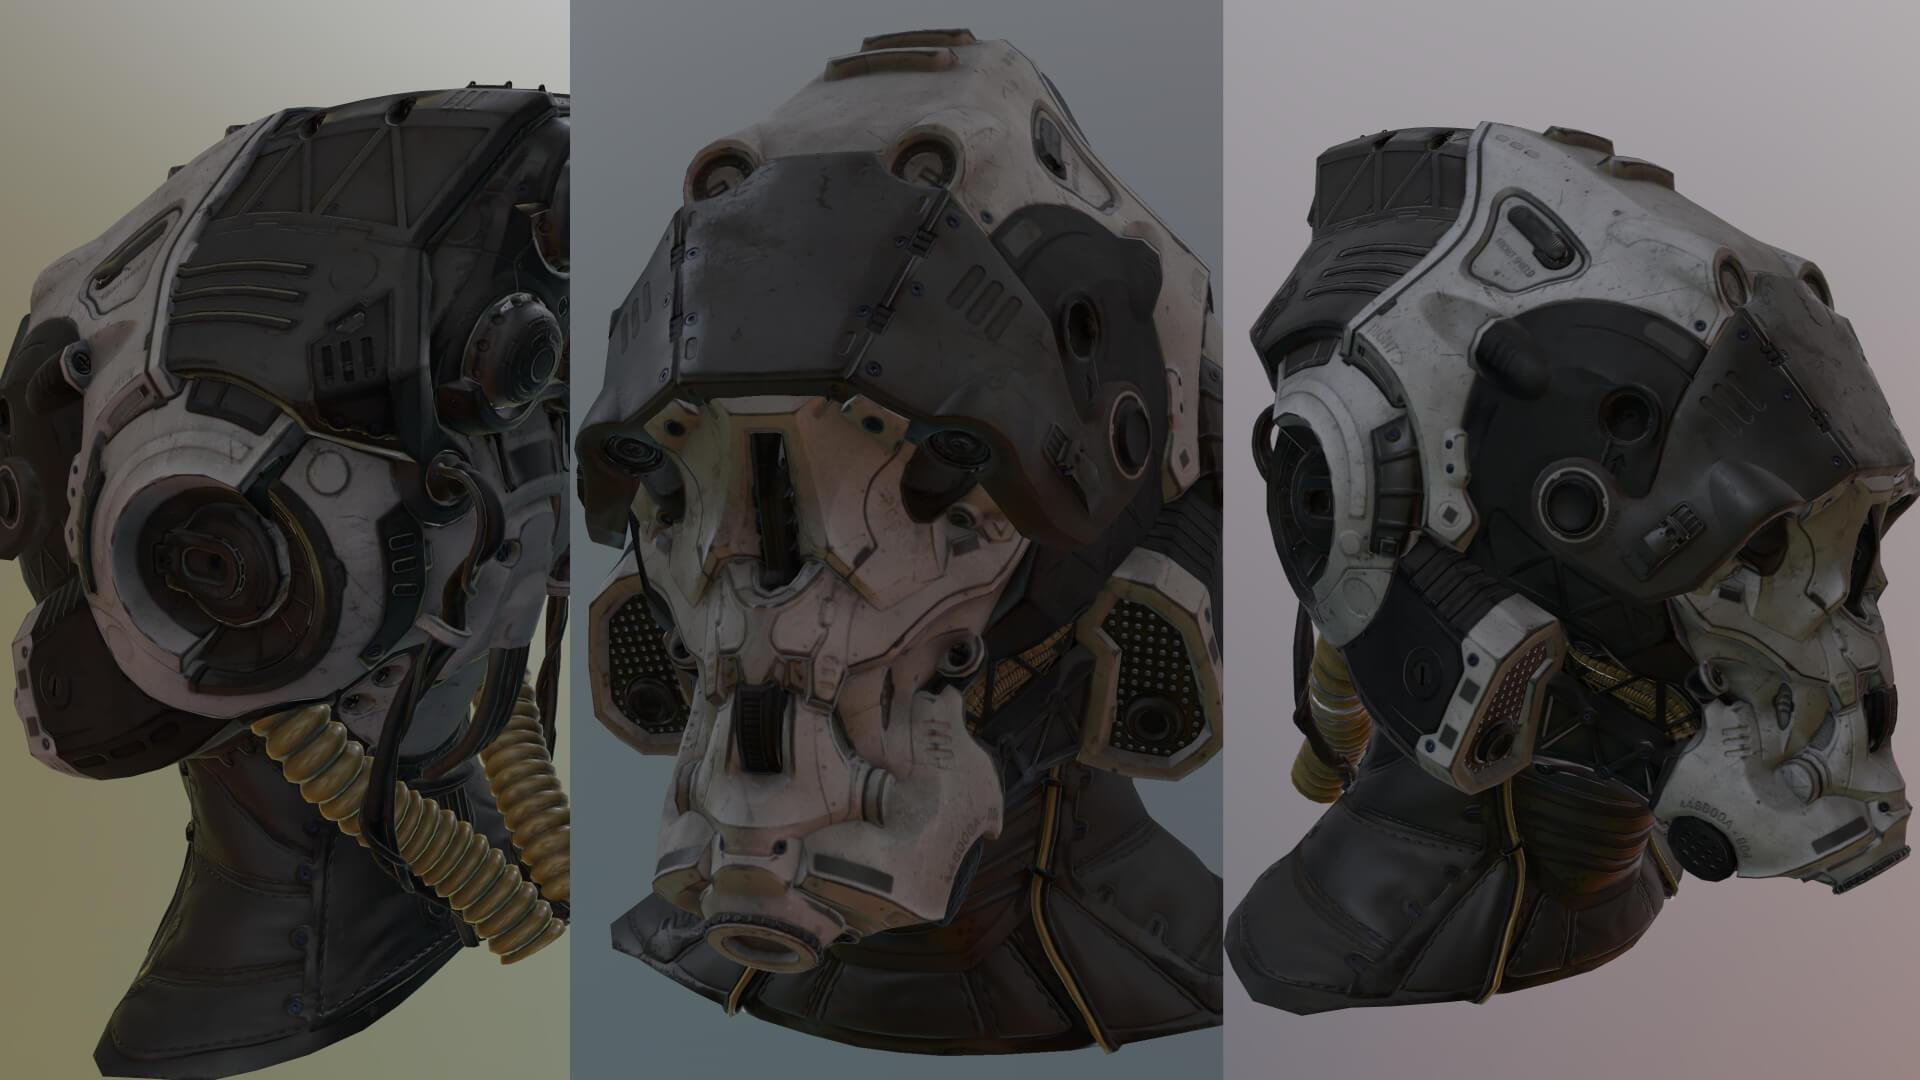 A Sci-Fi helmet model